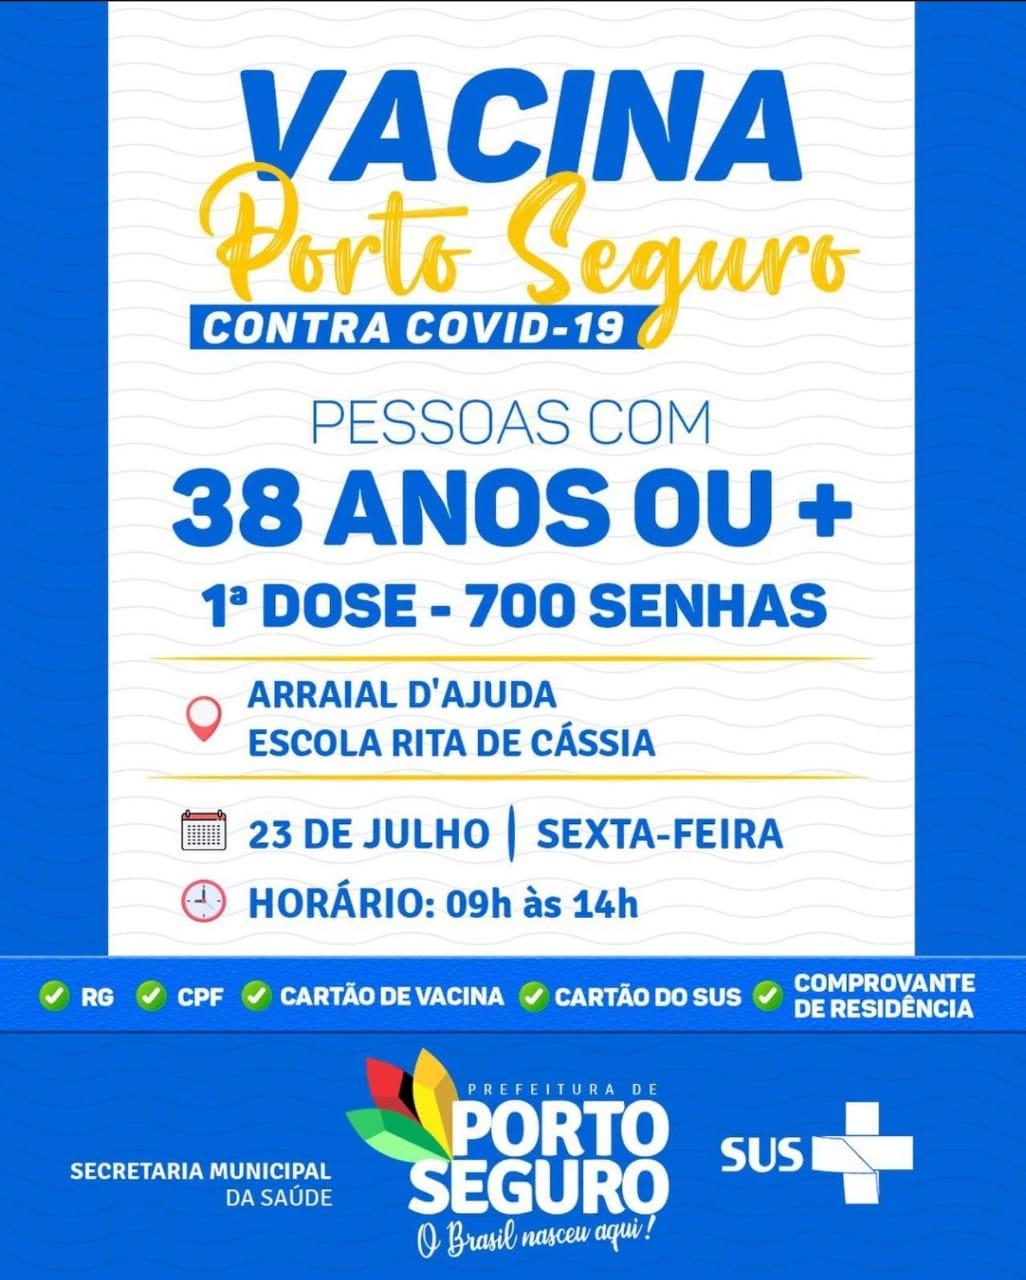 Vacina Porto Seguro contra Covid-19; cronograma de vacinação de 23 a 24 de julho 28